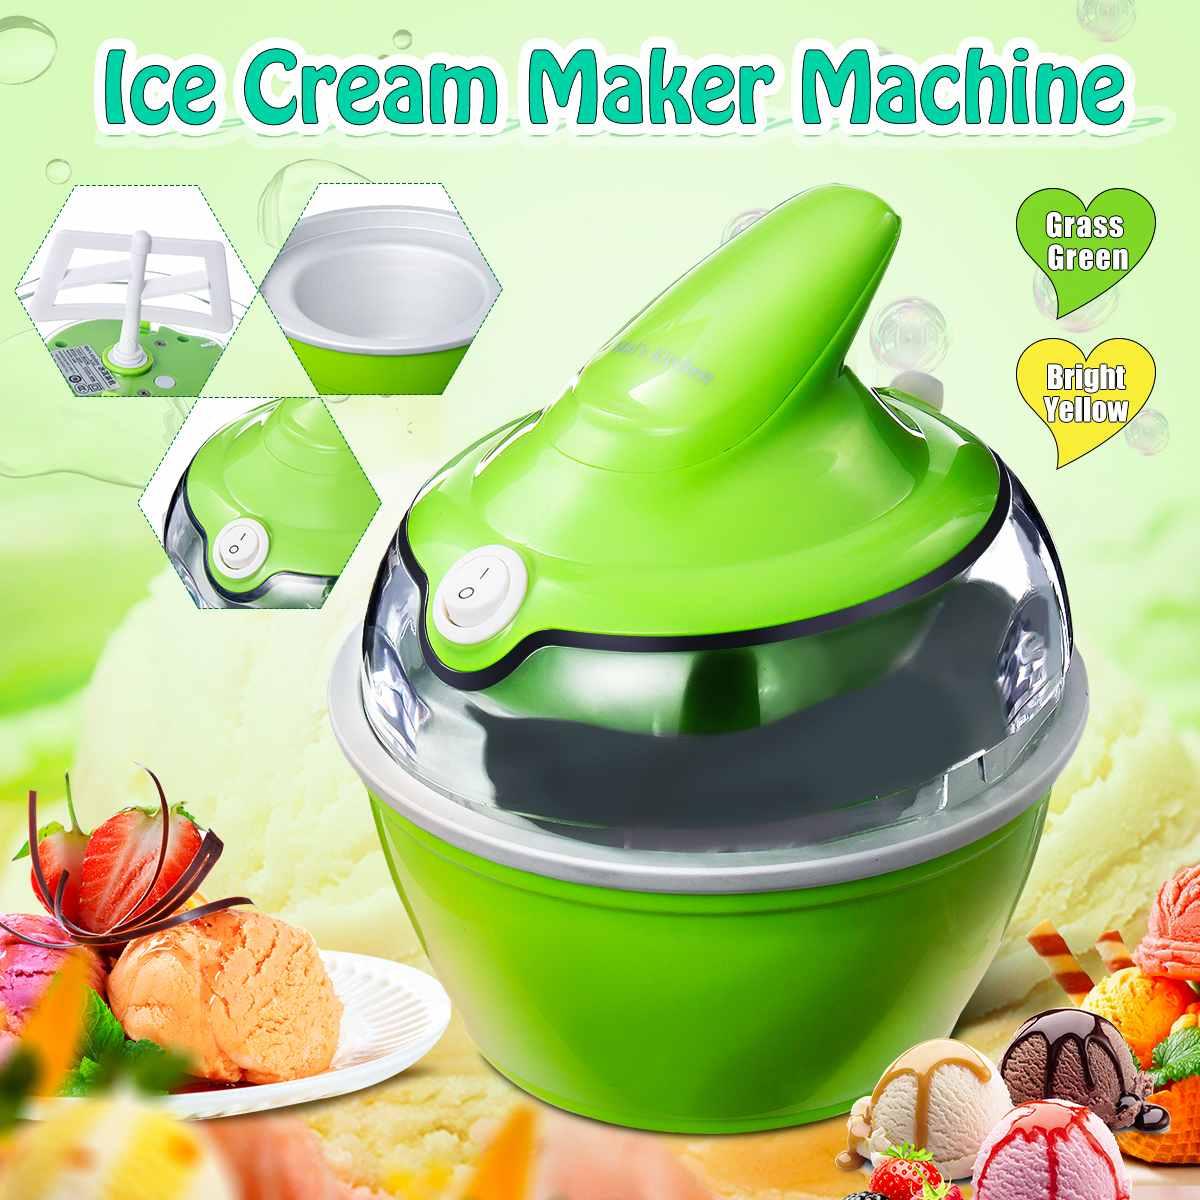 220V Ice Cream Maker Machine For Home Fast Ice Yoghurt Dessert Maker Easy Operation High Quality 10W 360ml Household